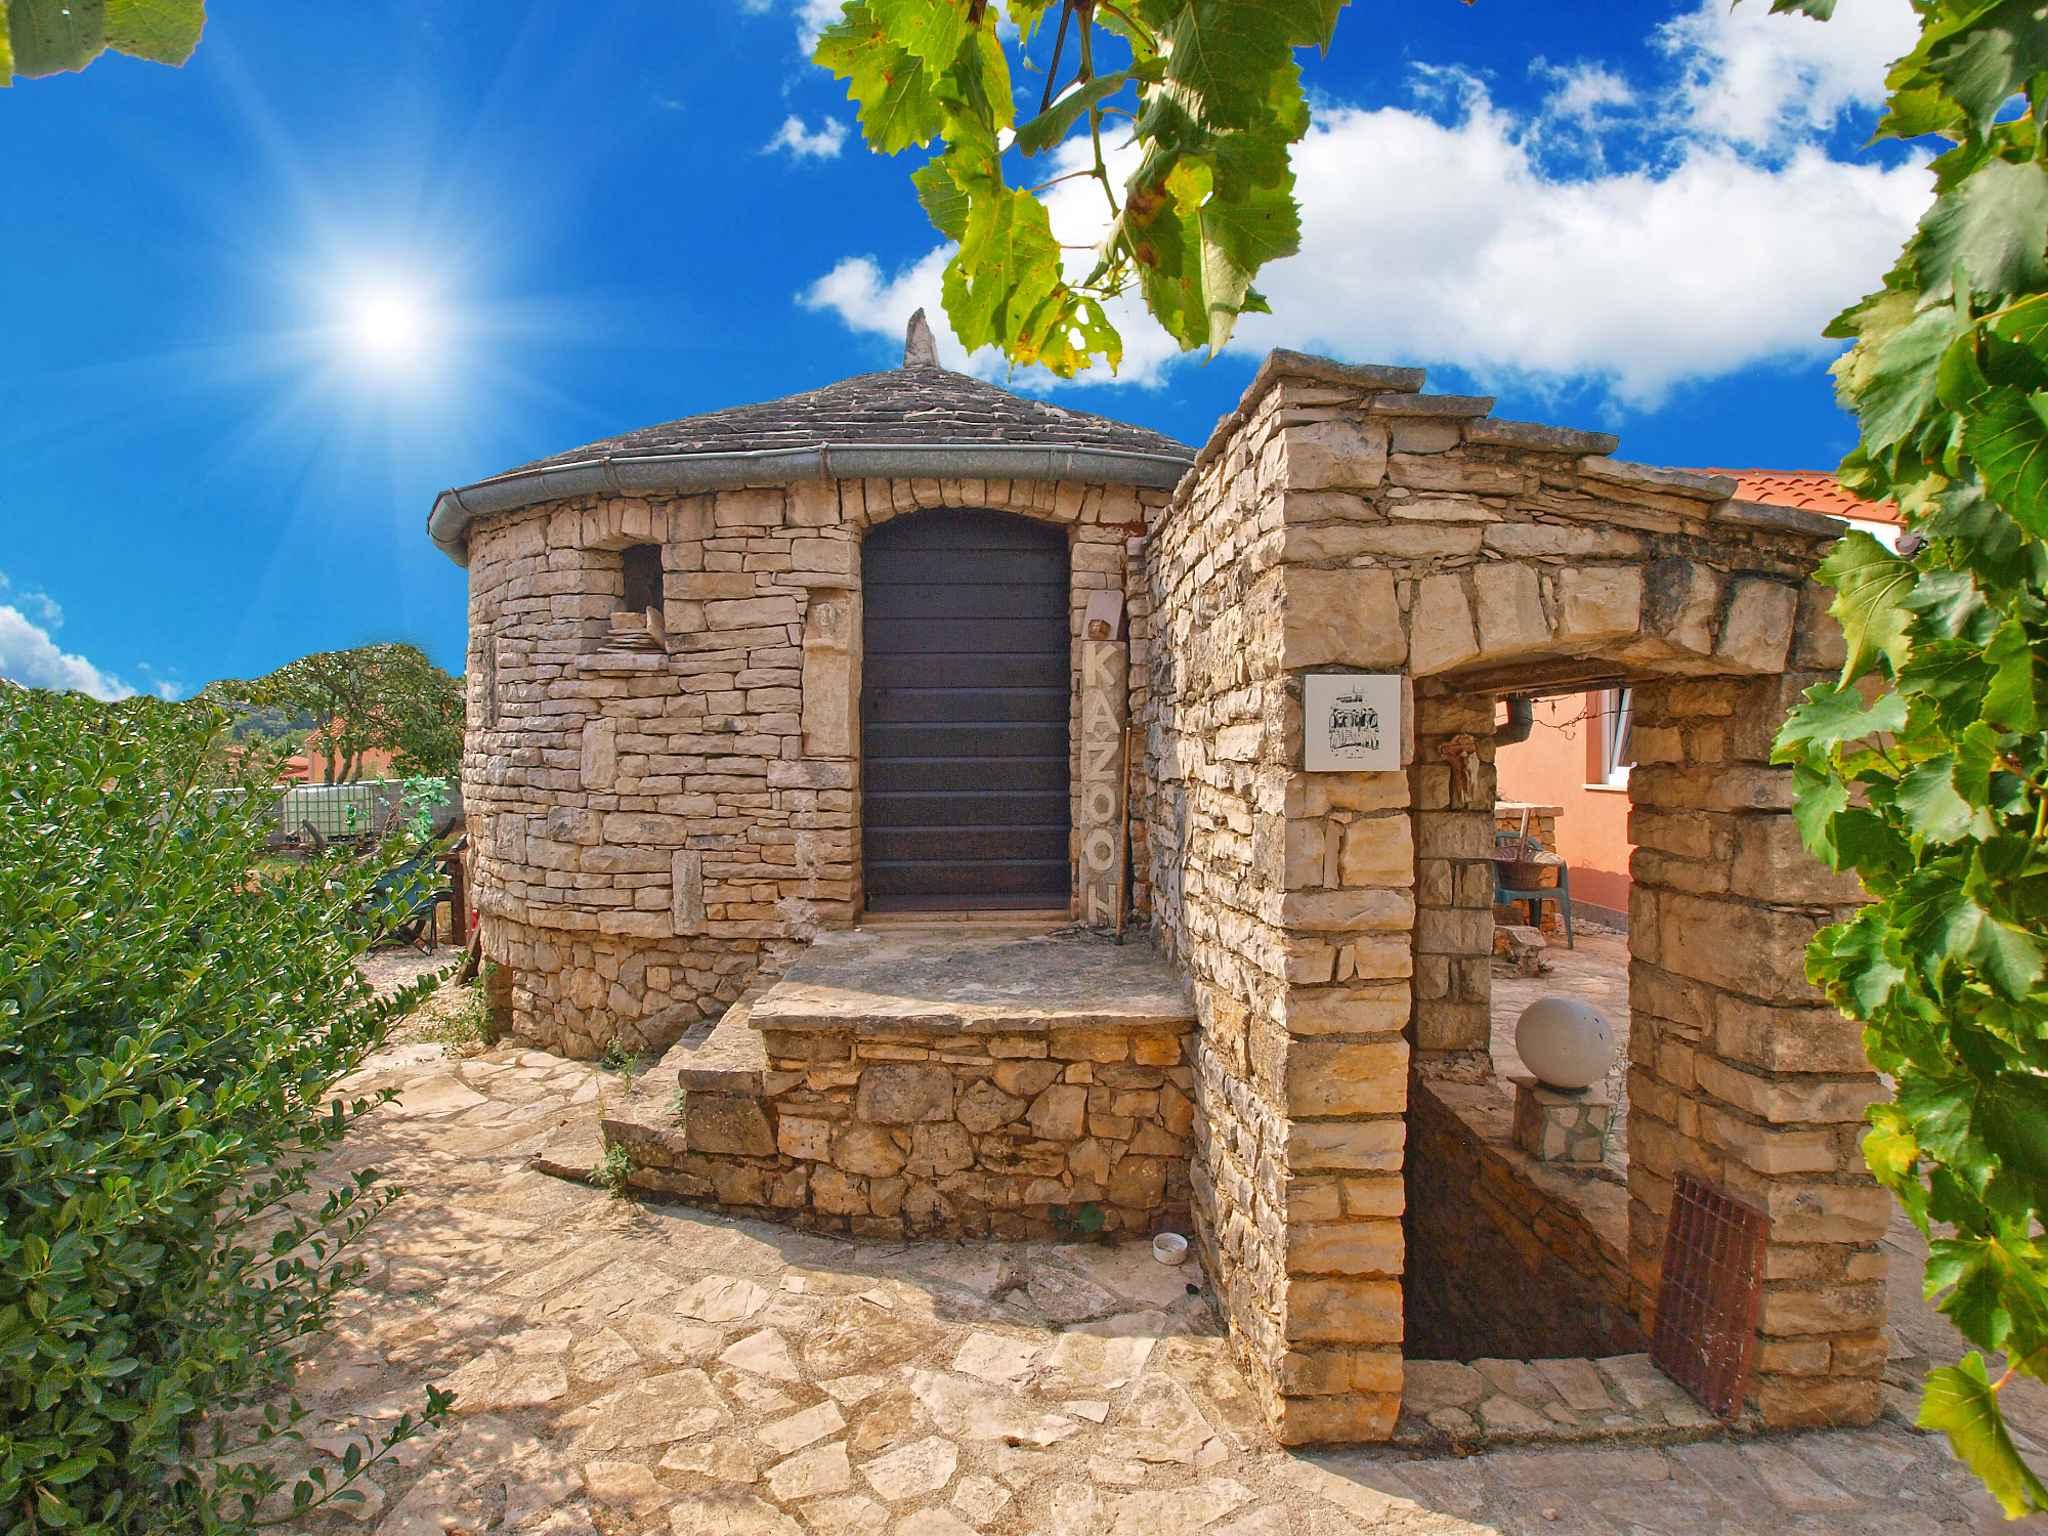 Ferienwohnung air condition (280764), Fažana, , Istrien, Kroatien, Bild 3